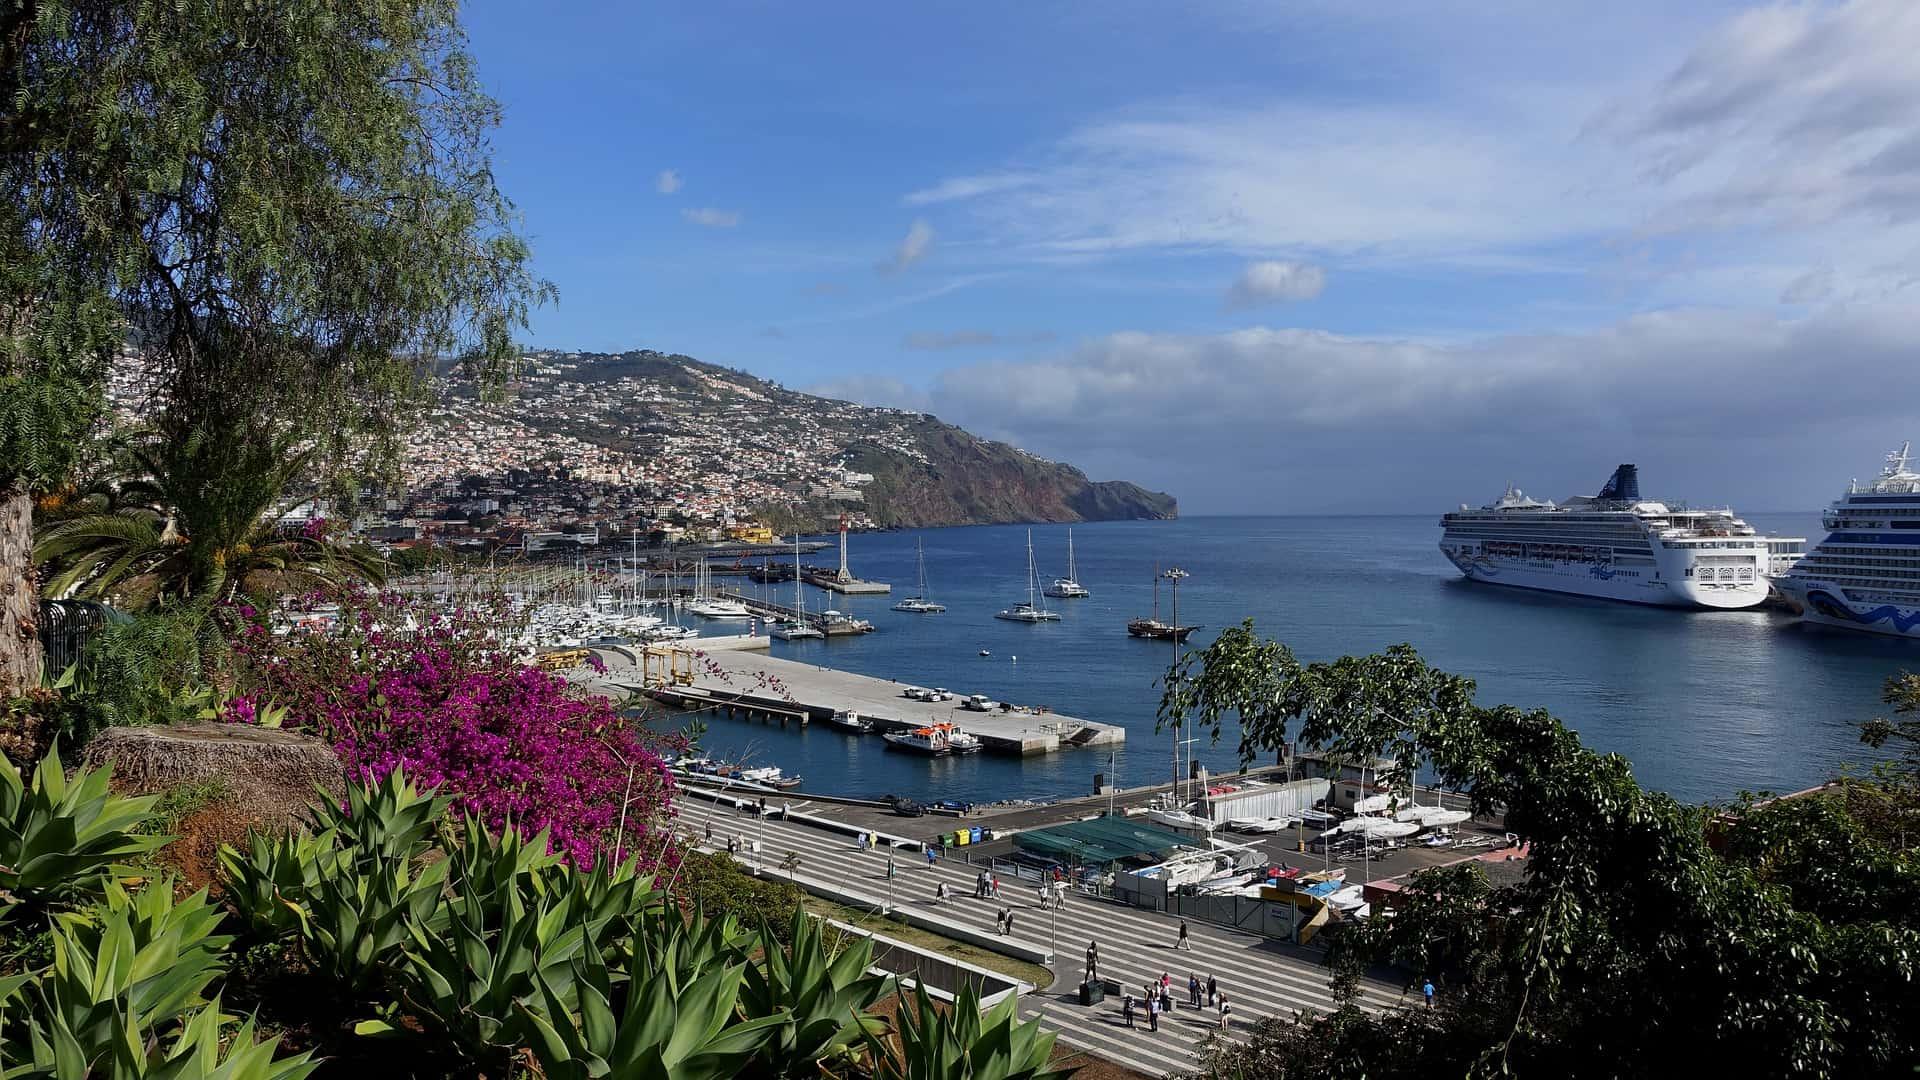 Rundreise Madeira: Empfehlungen & Vergleich (02/20)